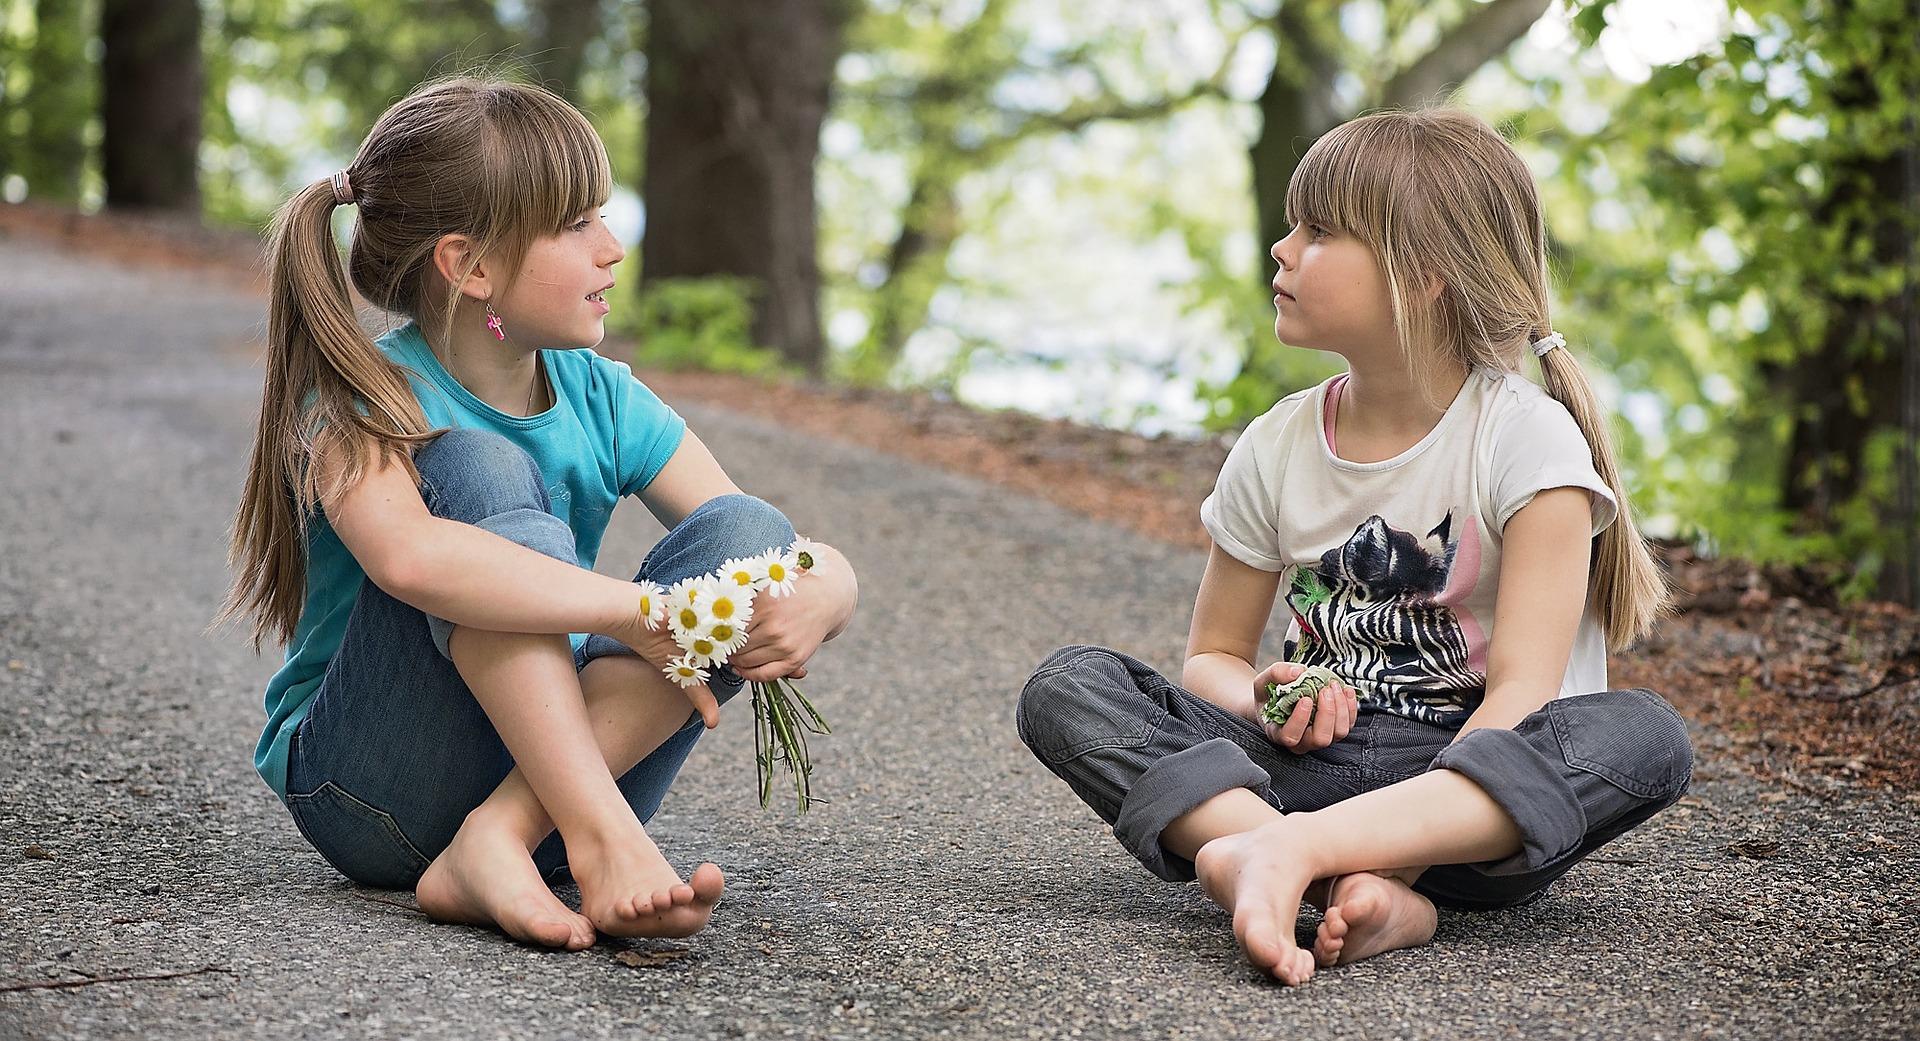 女の子が二人座って会話している画像